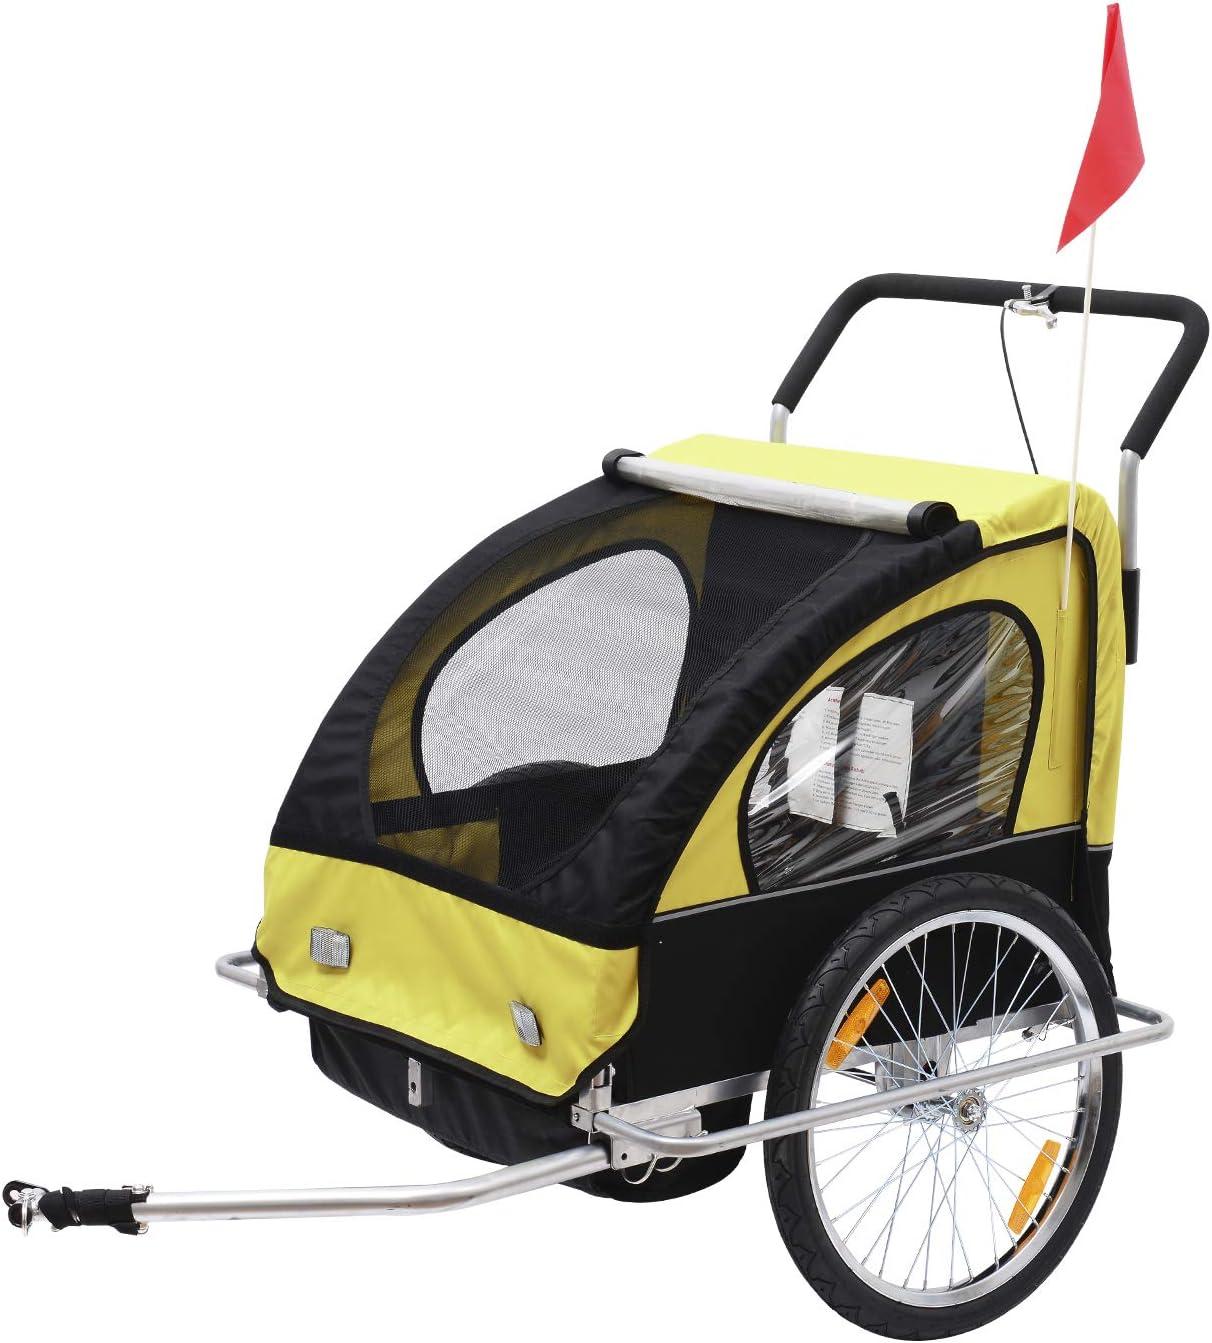 HOMCOM Remolque para Niños DOS PLAZAS con Amortiguadores Carro para Bicicleta CON BARRA INCLUIDA y Kit de Footing COLOR AMARILLO Y NEGRO